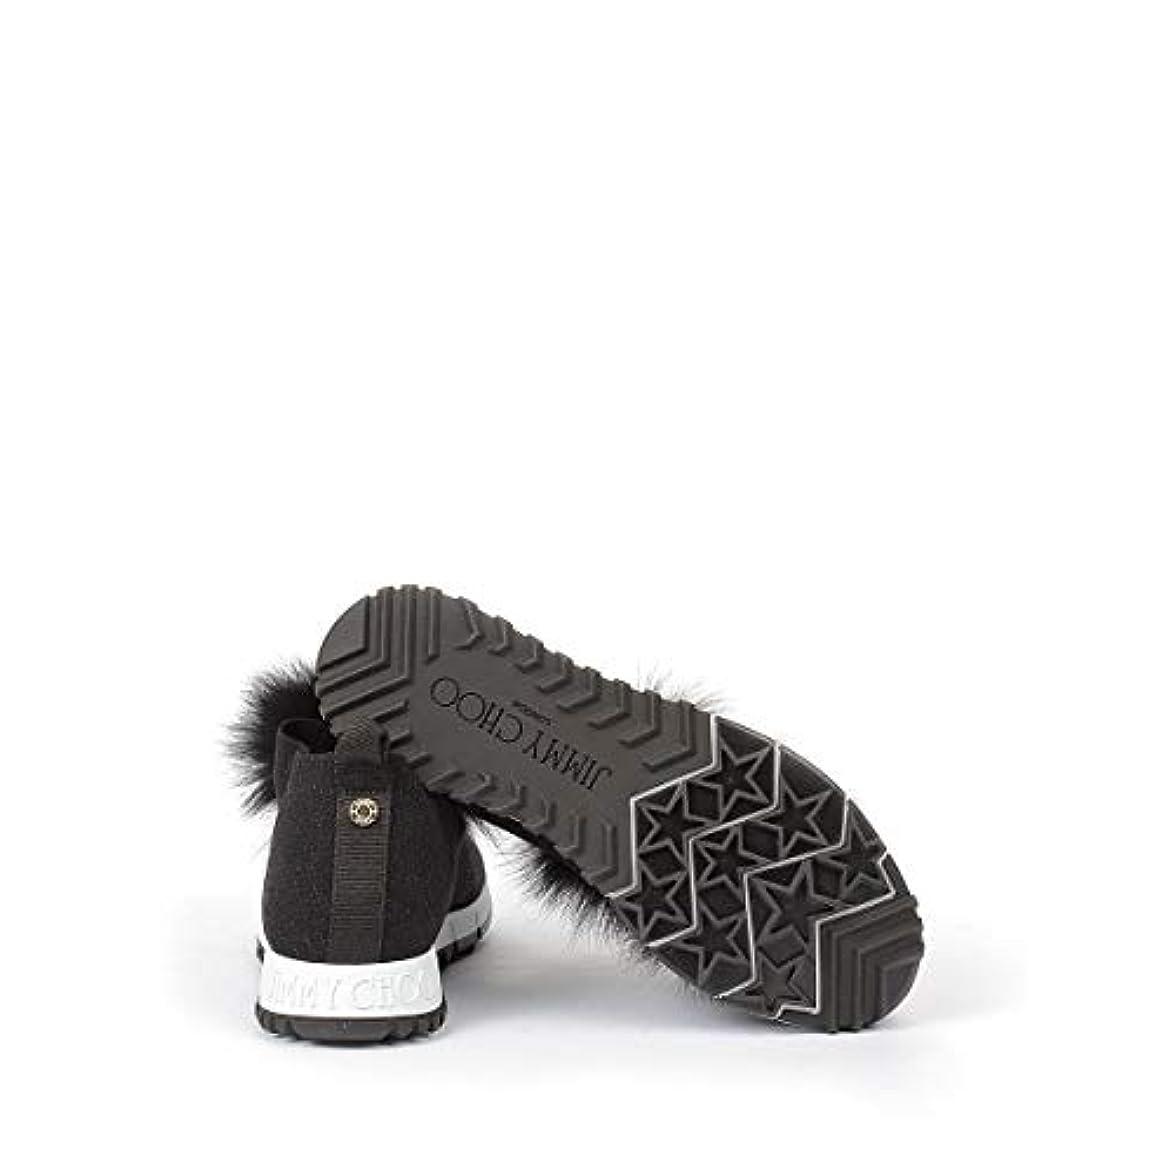 Jimmy Choo Slip On Sneakers Donna Norwaykioblack Pelle Nero